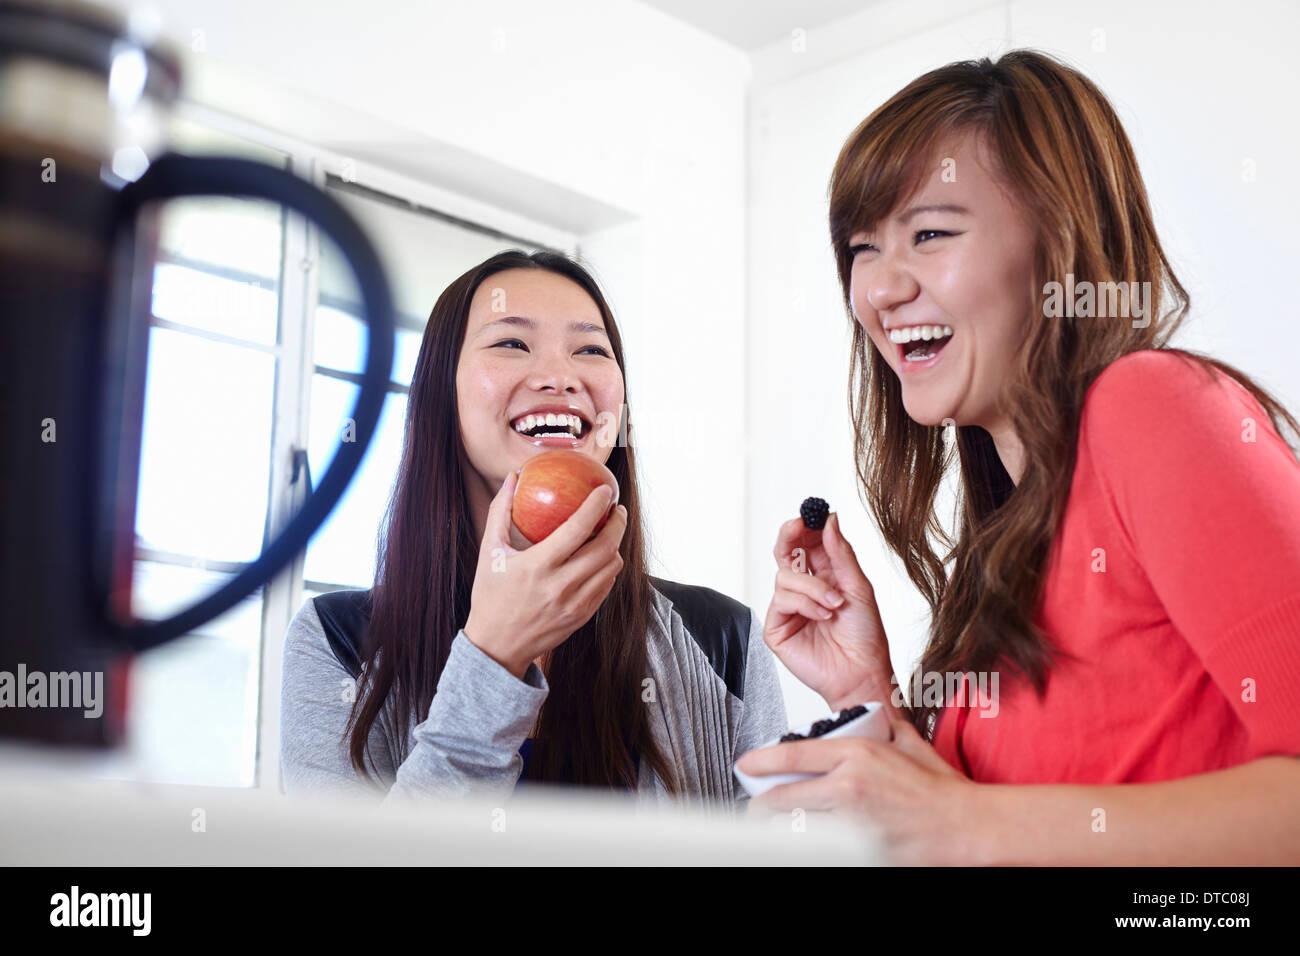 Zwei junge Frauen in der Küche essen Obst Stockfoto